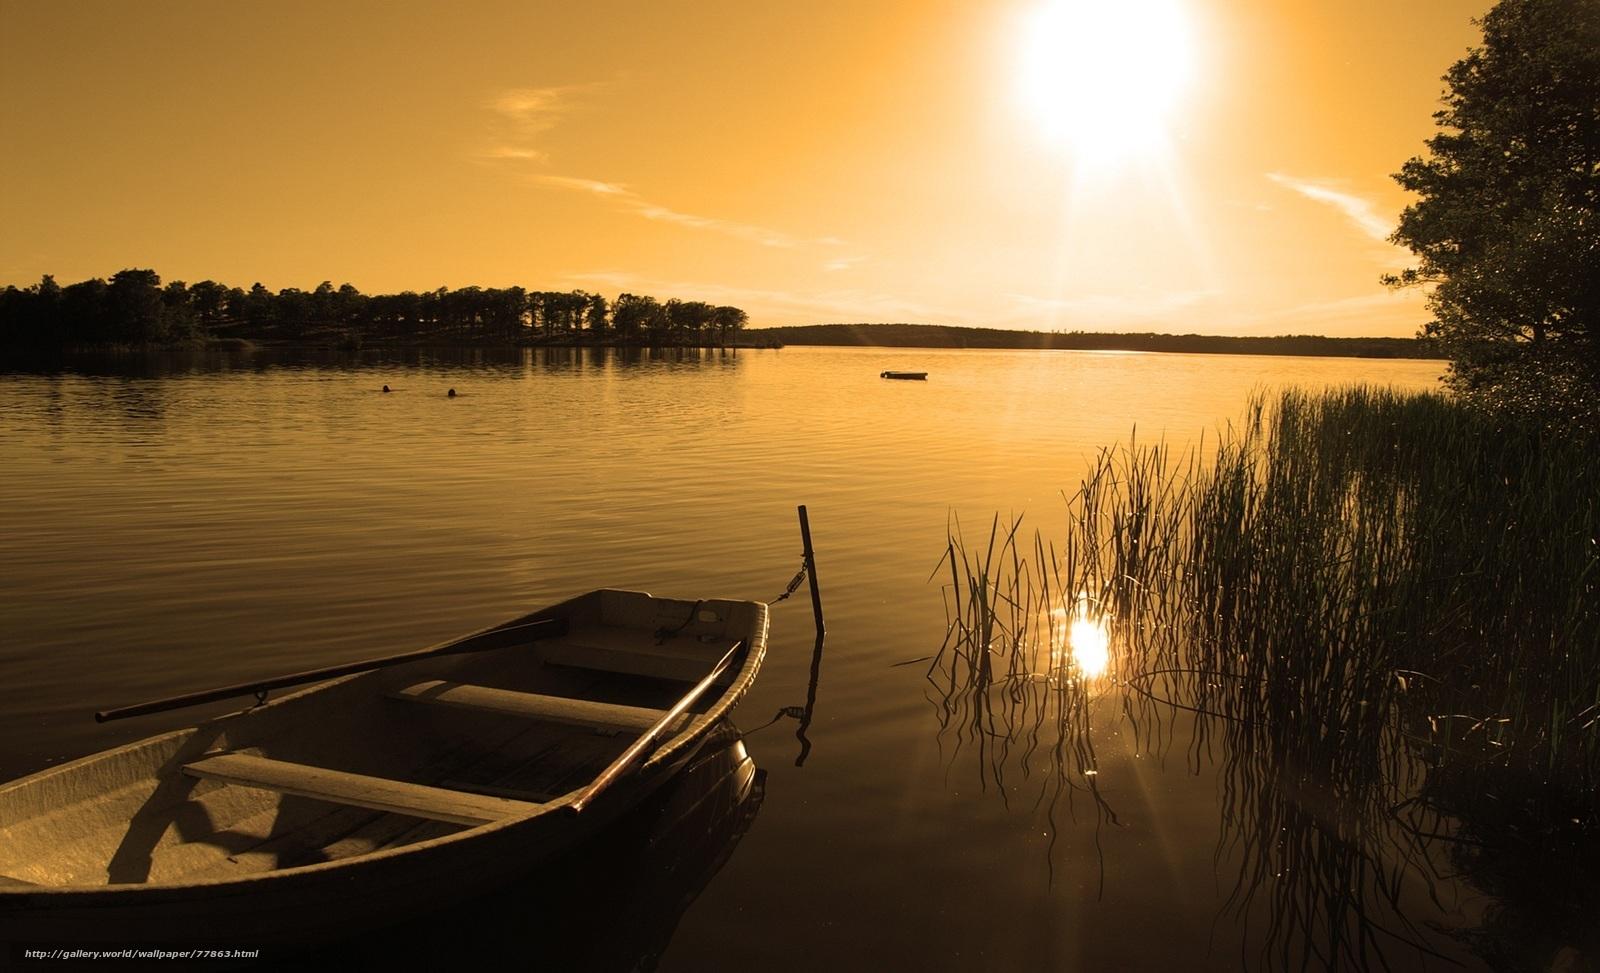 черная река и лодка в ней